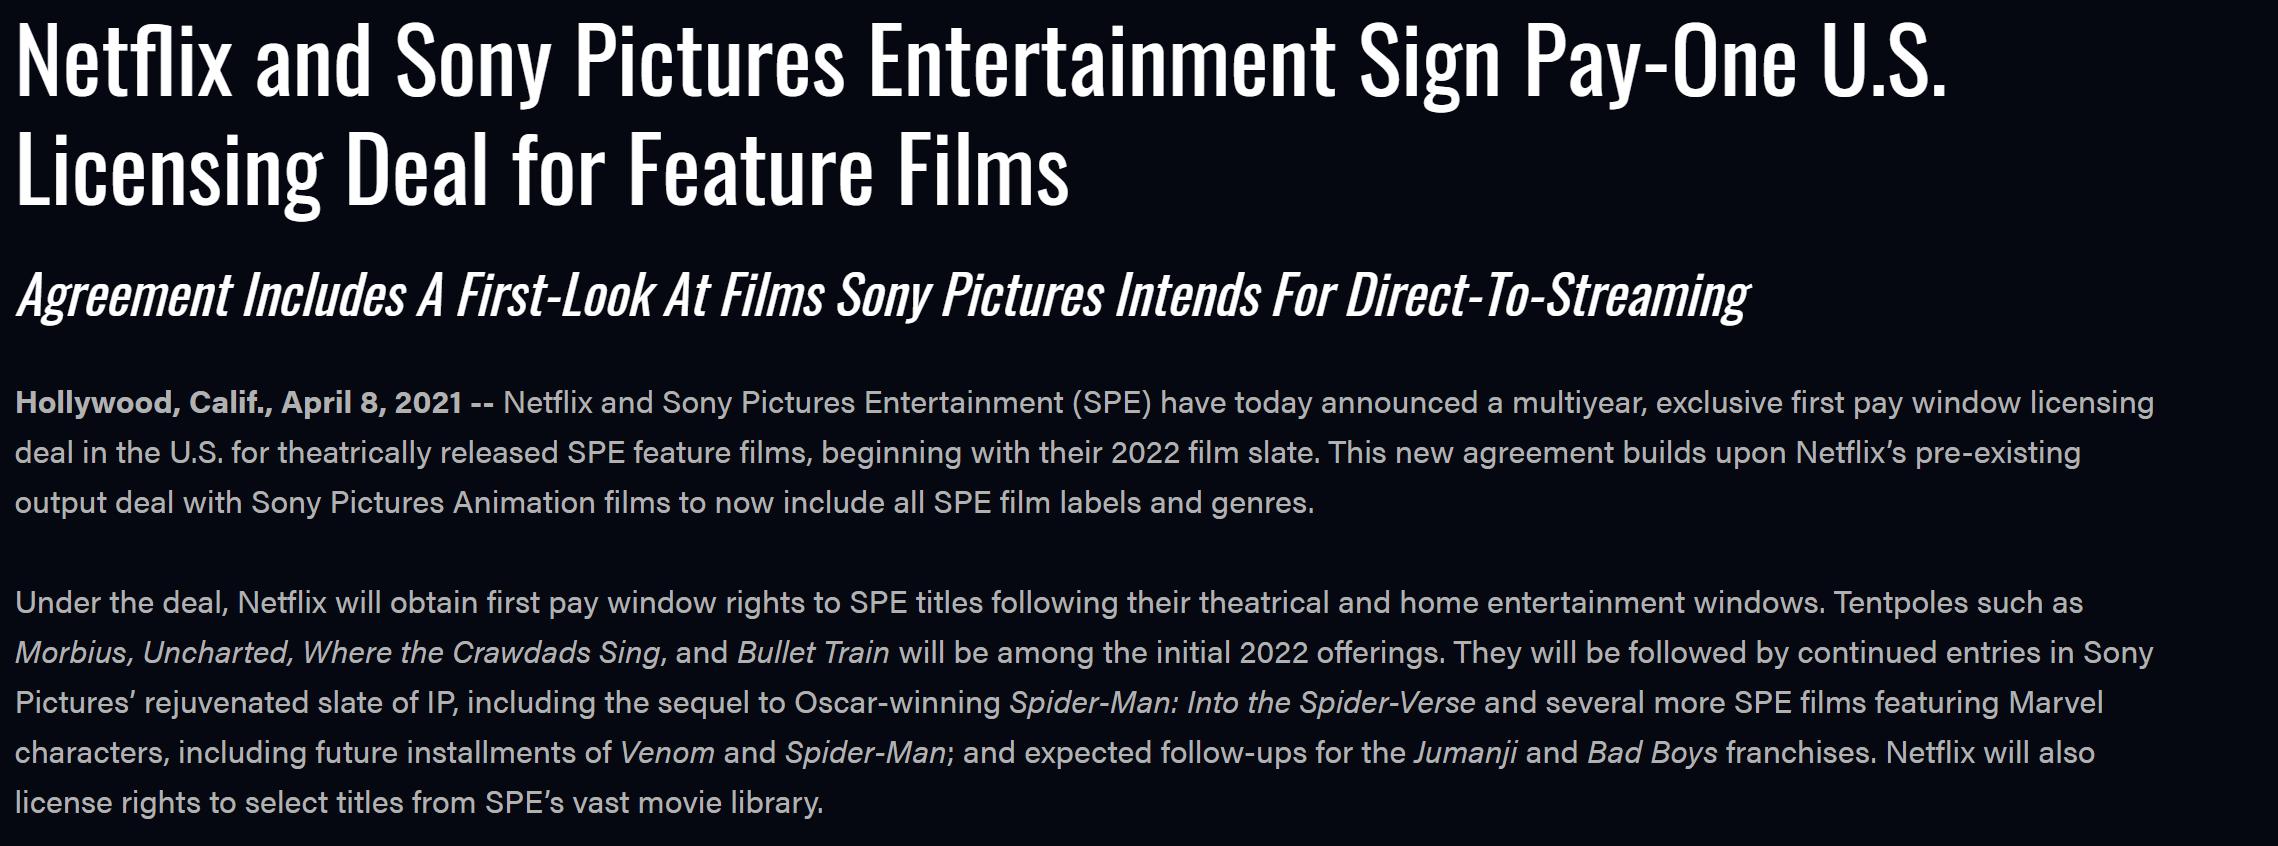 奈飞、索尼达成全面合作协议 独占《蜘蛛侠》等影片在美流媒体平台首播权